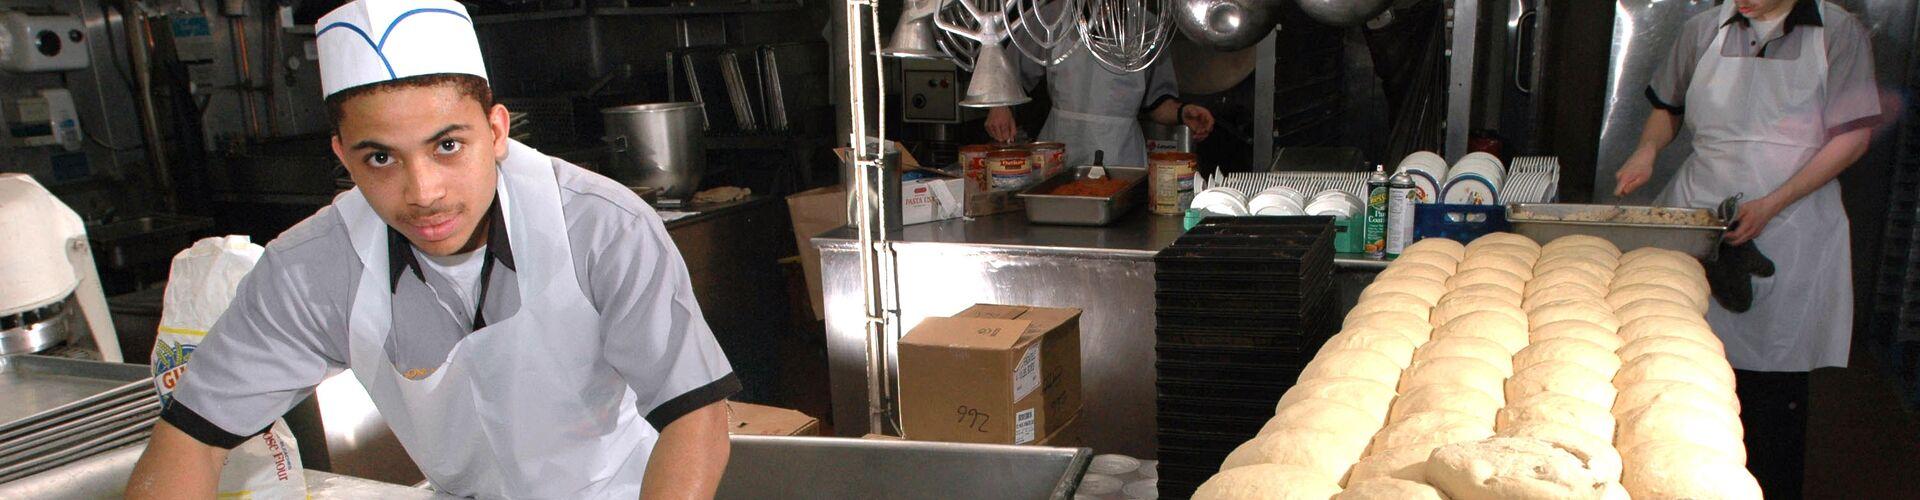 Auf diesem Bild sieht man einen Arbeitnehmer in einer Bäckerei beim Zubereiten von Broten